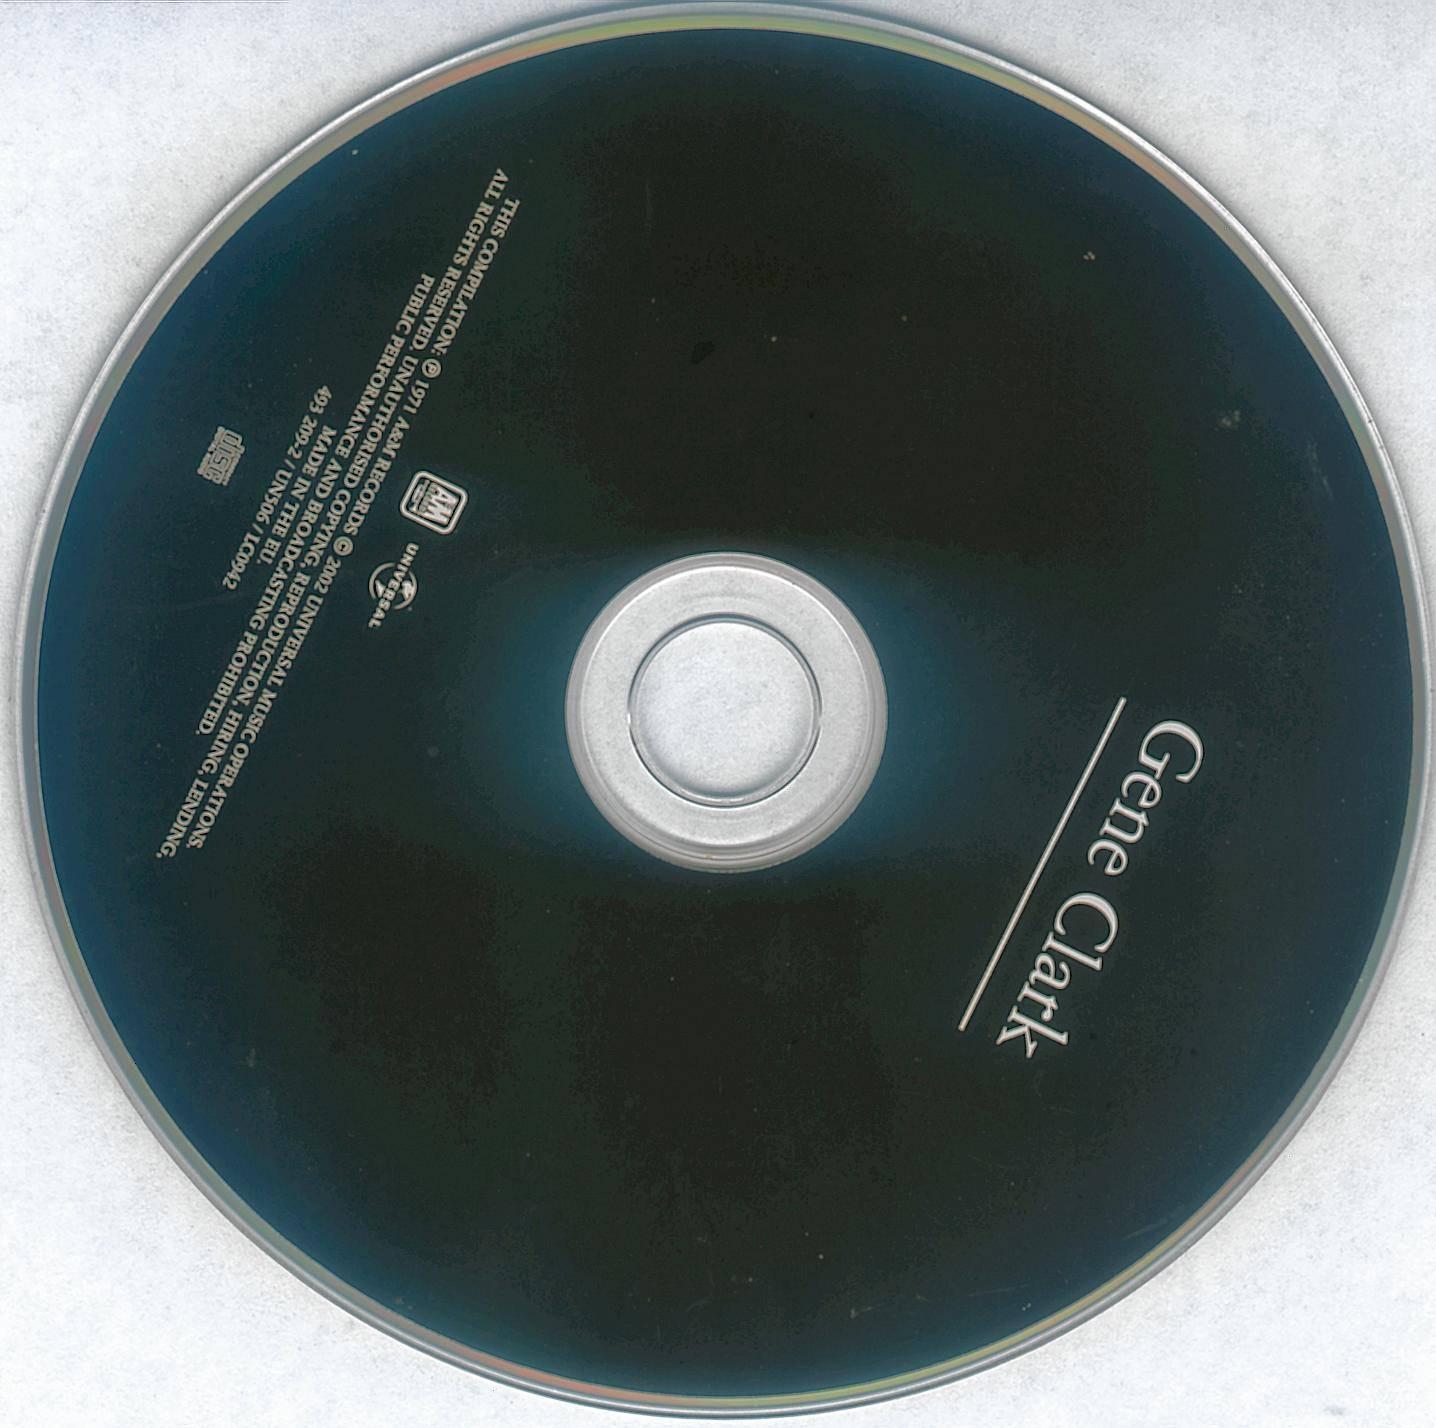 Gene Clark - White Light (bonus tracks) 1971